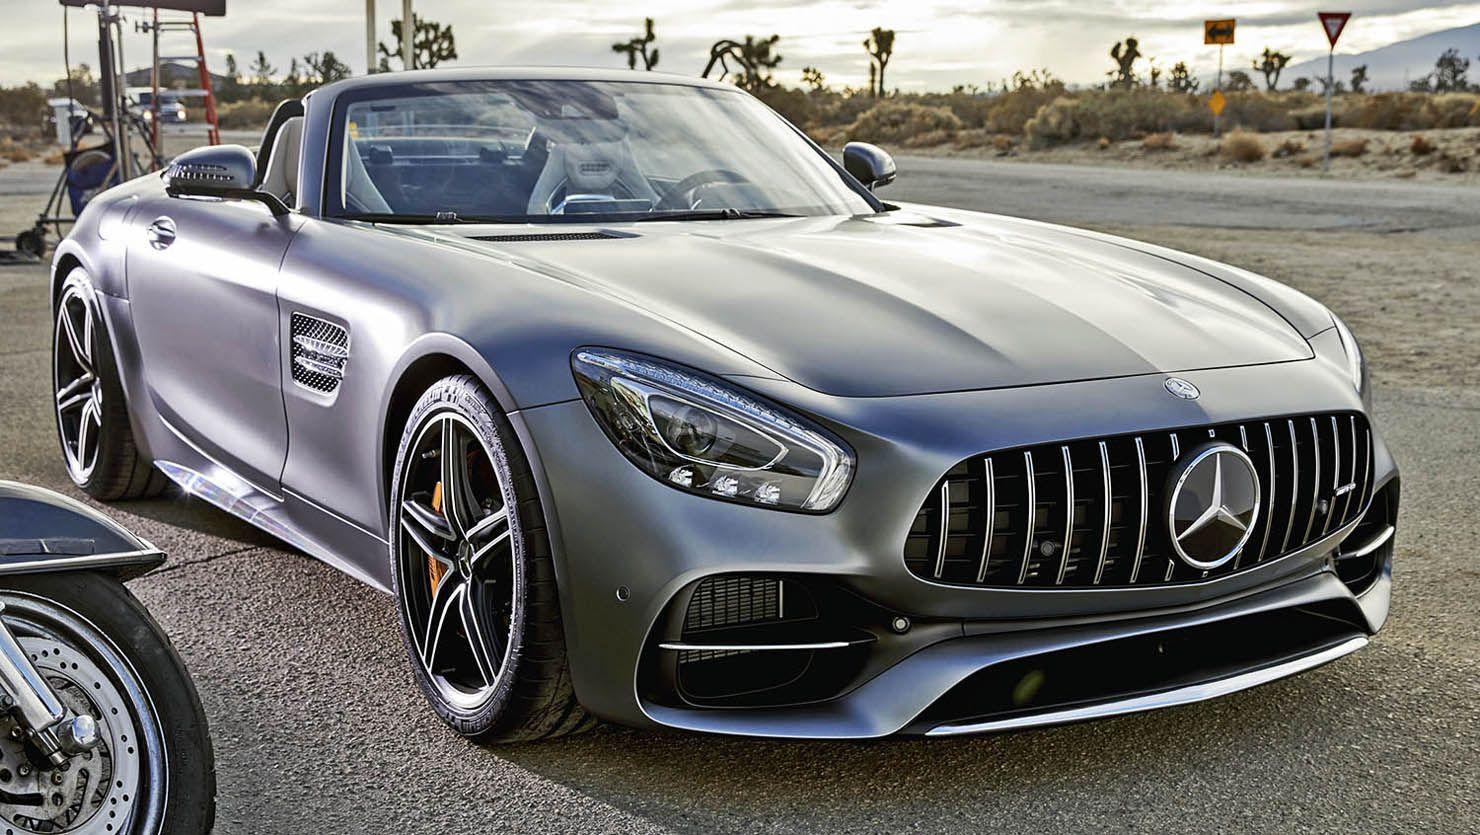 مرسيدس اي ام جي جي تي رودستر النسخة المكشوفة من التحفة الالمانية موقع ويلز Mercedes Amg Cabriolets Dream Cars